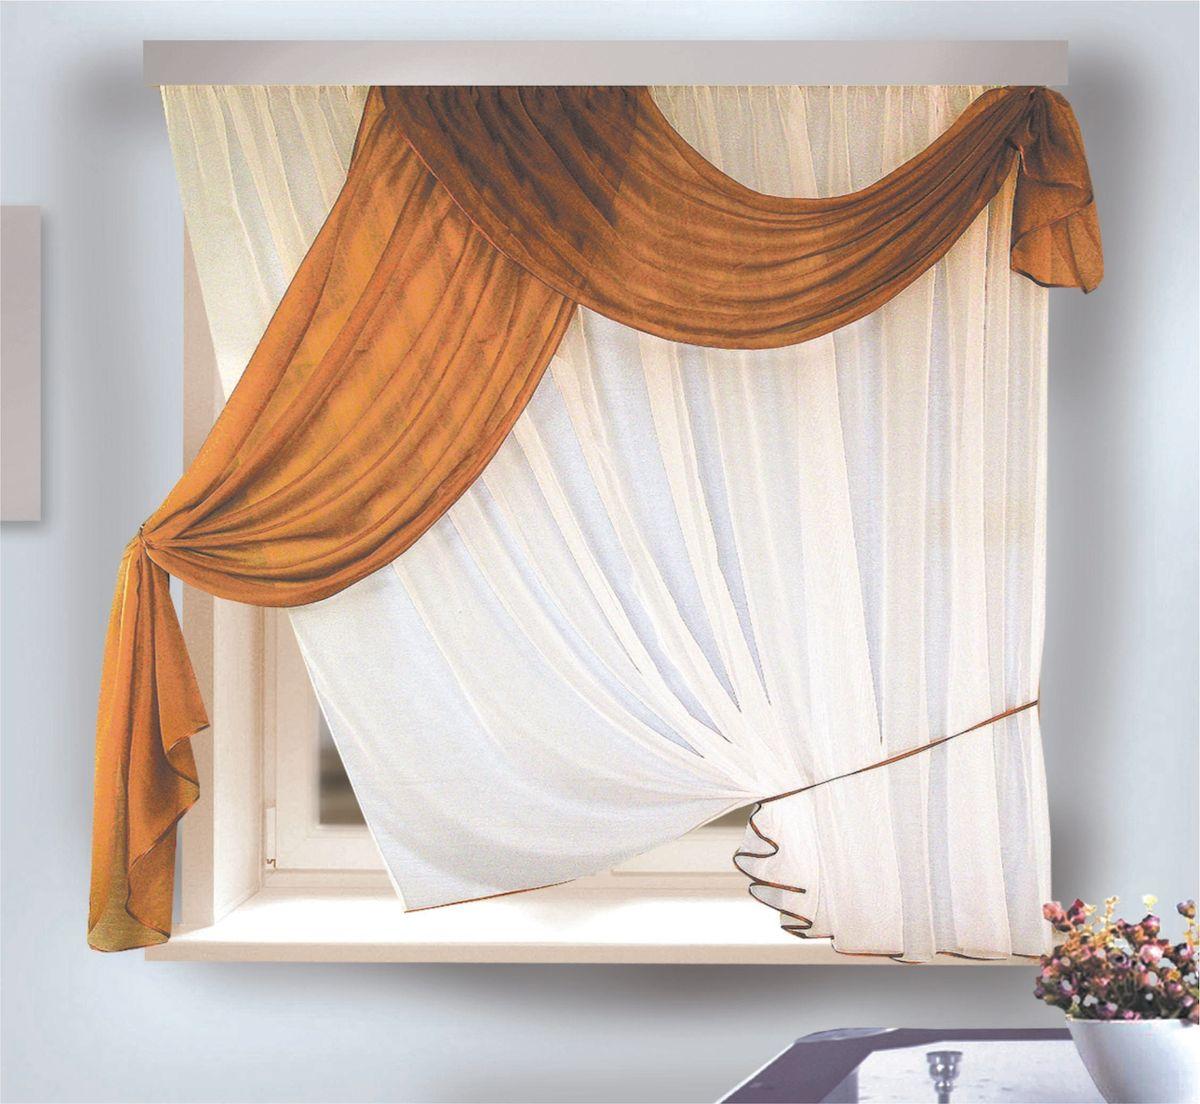 Комплект штор для кухни Zlata Korunka, на ленте, цвет: белый, коричневый, высота 170 см. 33331180038Комплект штор для кухни Zlata Korunka, выполненный из полиэстера, великолепно украсит любое окно. Комплект состоит из тюля, ламбрекена и трех подхватов (2 из них пришиты к тюлю). Оригинальный дизайн и приятная цветовая гамма привлекут к себе внимание и органично впишутся в интерьер помещения. Этот комплект будет долгое время радовать вас и вашу семью!Комплект крепится на карниз при помощи ленты, которая поможет красиво и равномерно задрапировать верх.В комплект входит: Ламбрекен: 1 шт. Размер (Ш х В): 90 х 170 см. Тюль: 1 шт. Размер (Ш х В): 280 х 170 см.Подхват: 3 шт.